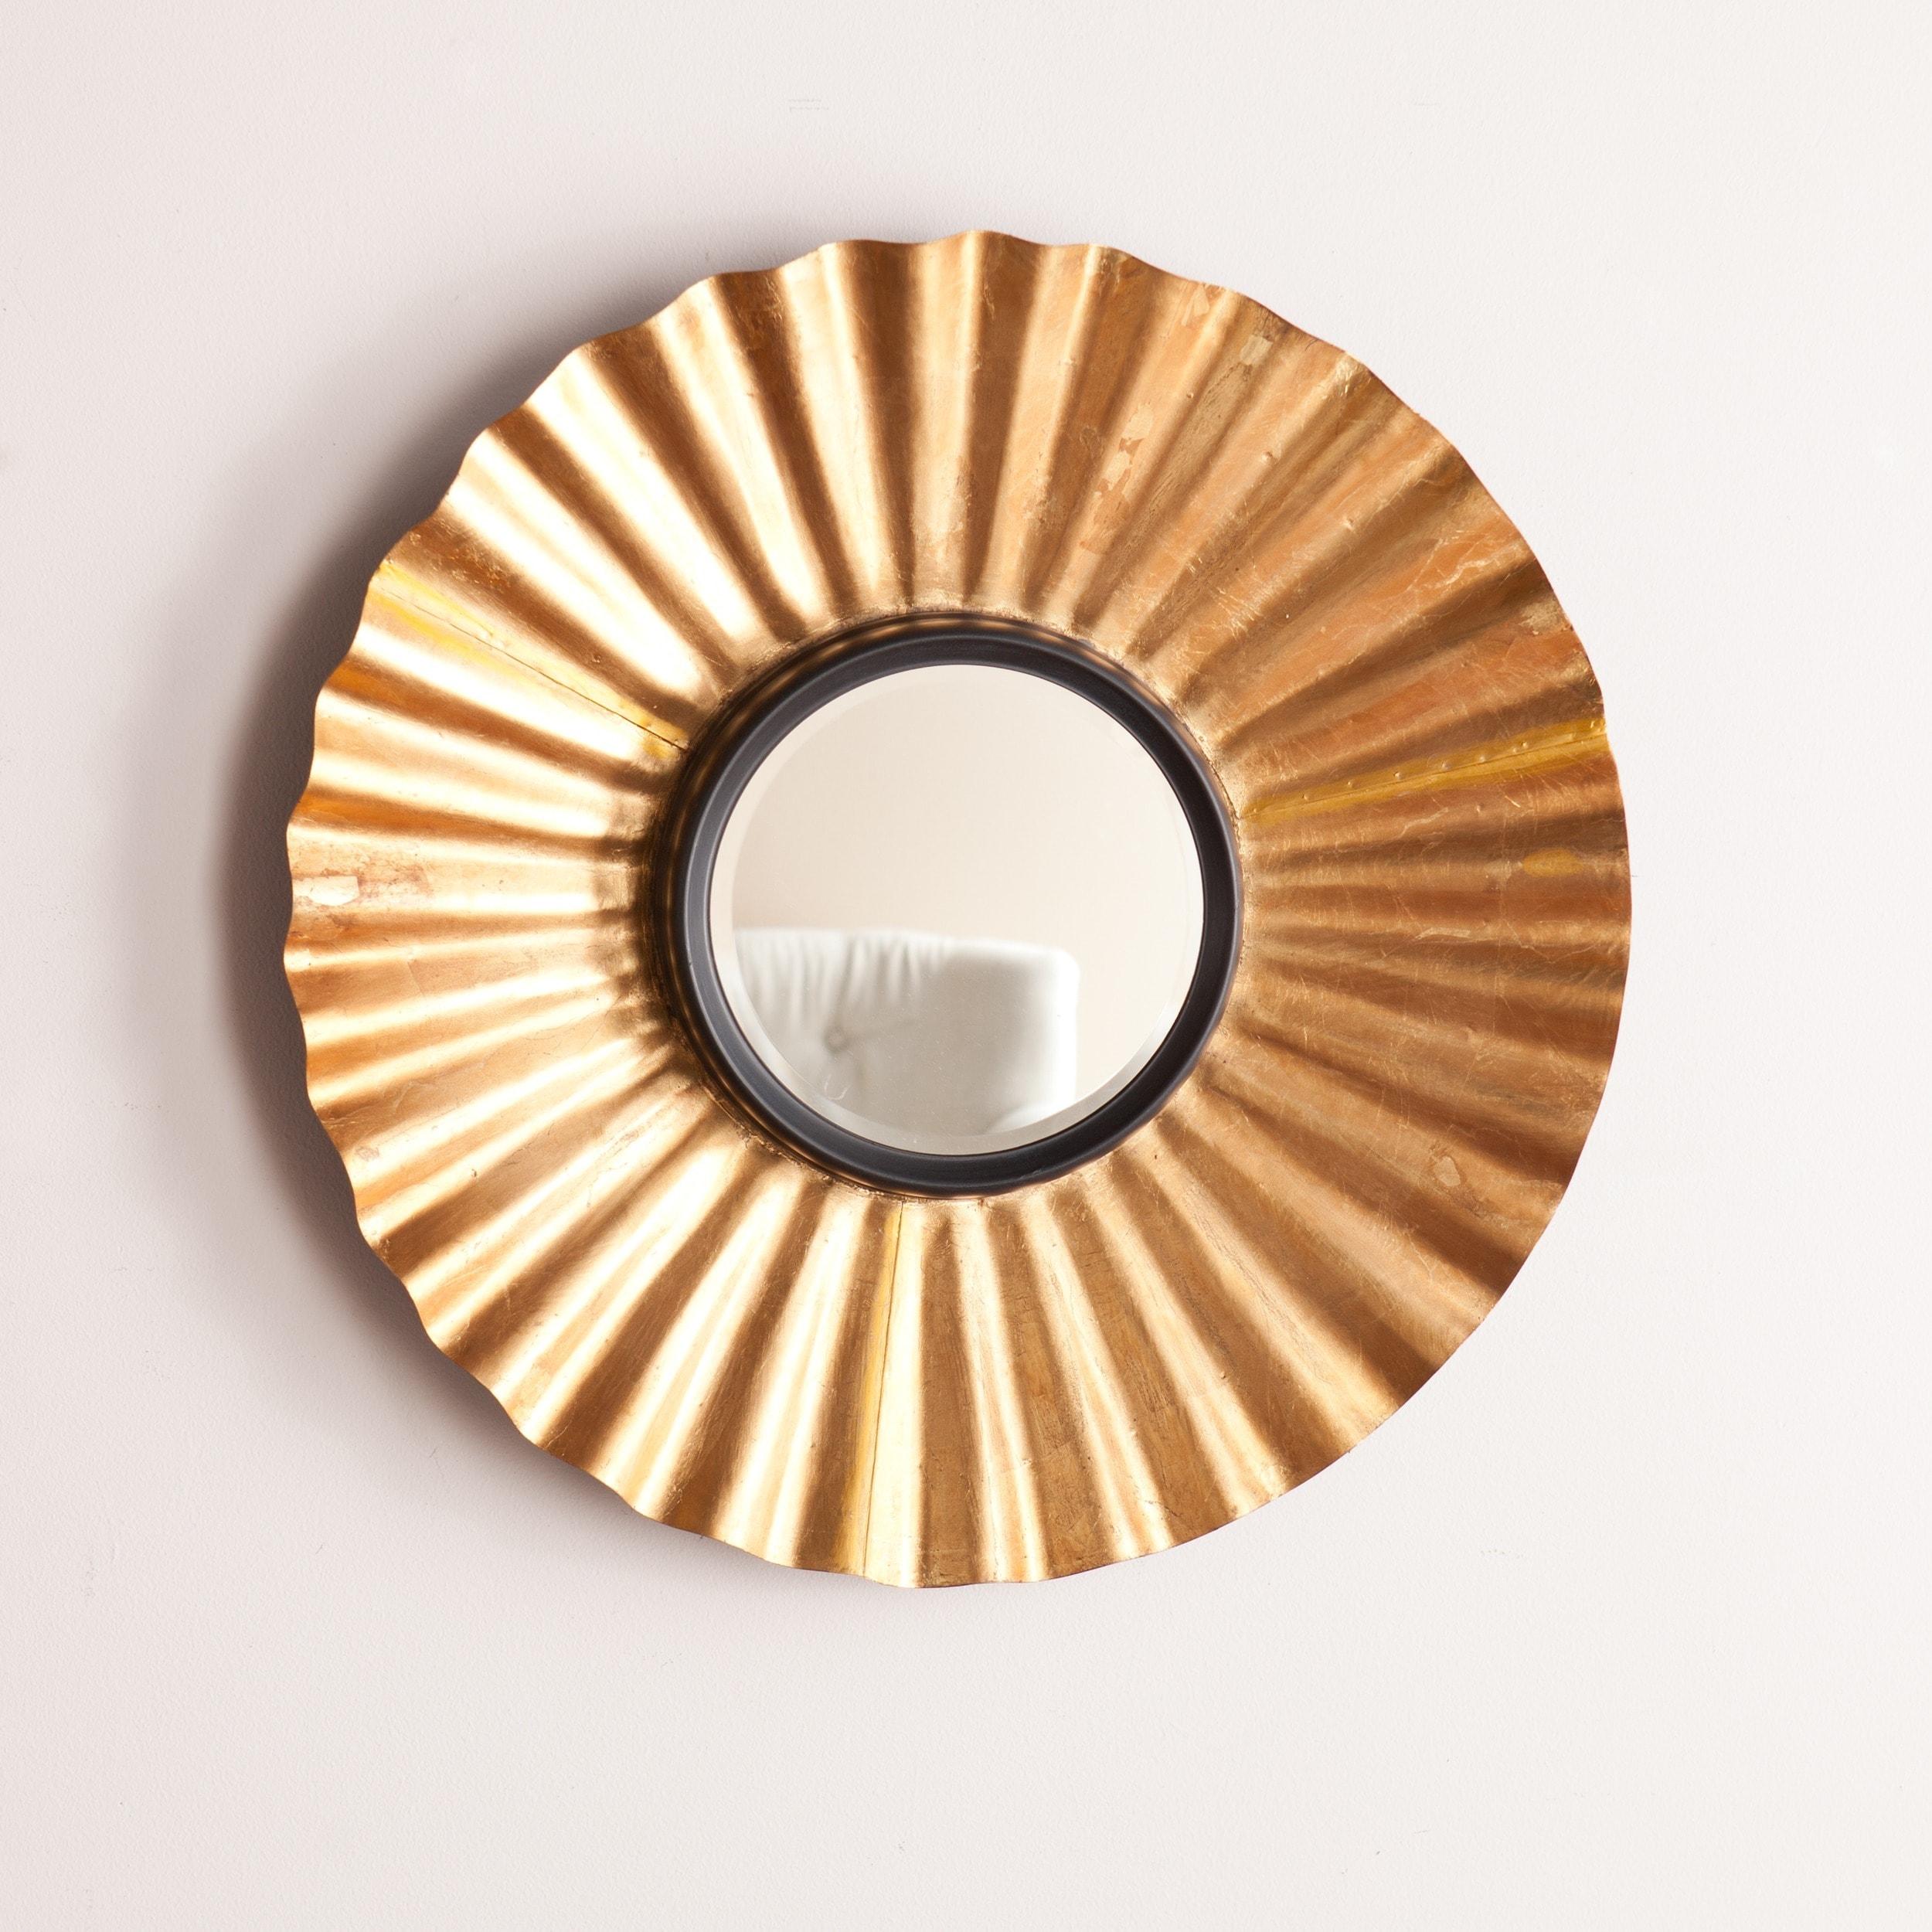 Harper Blvd Karland Decorative Mirror